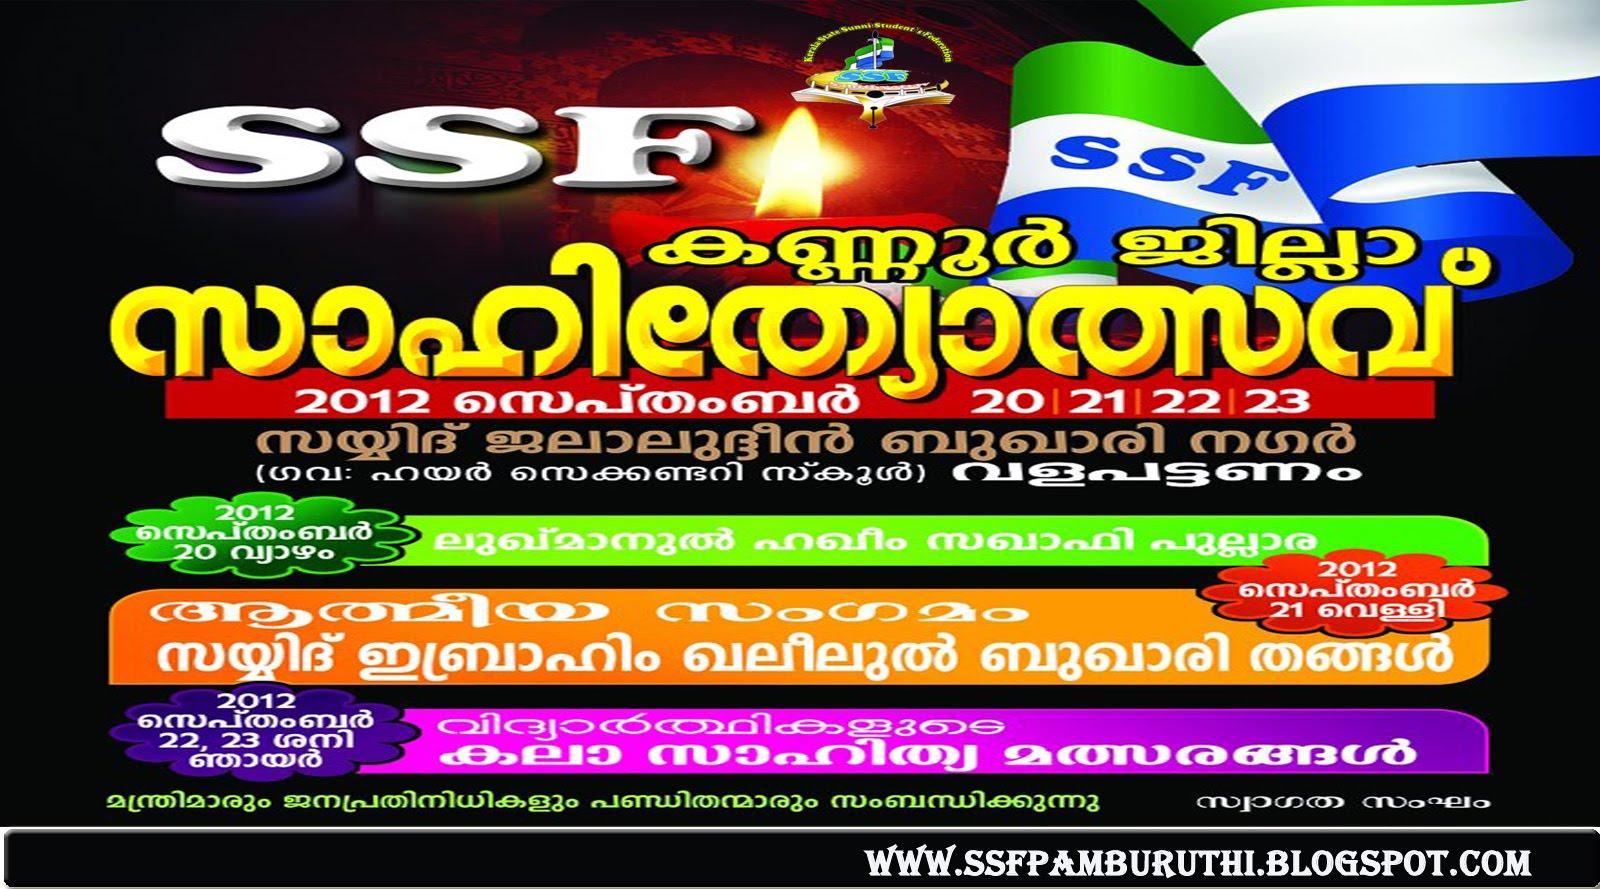 Ssf Pamburuthi Online Ssf Kannur District Sahithyotsav 2012